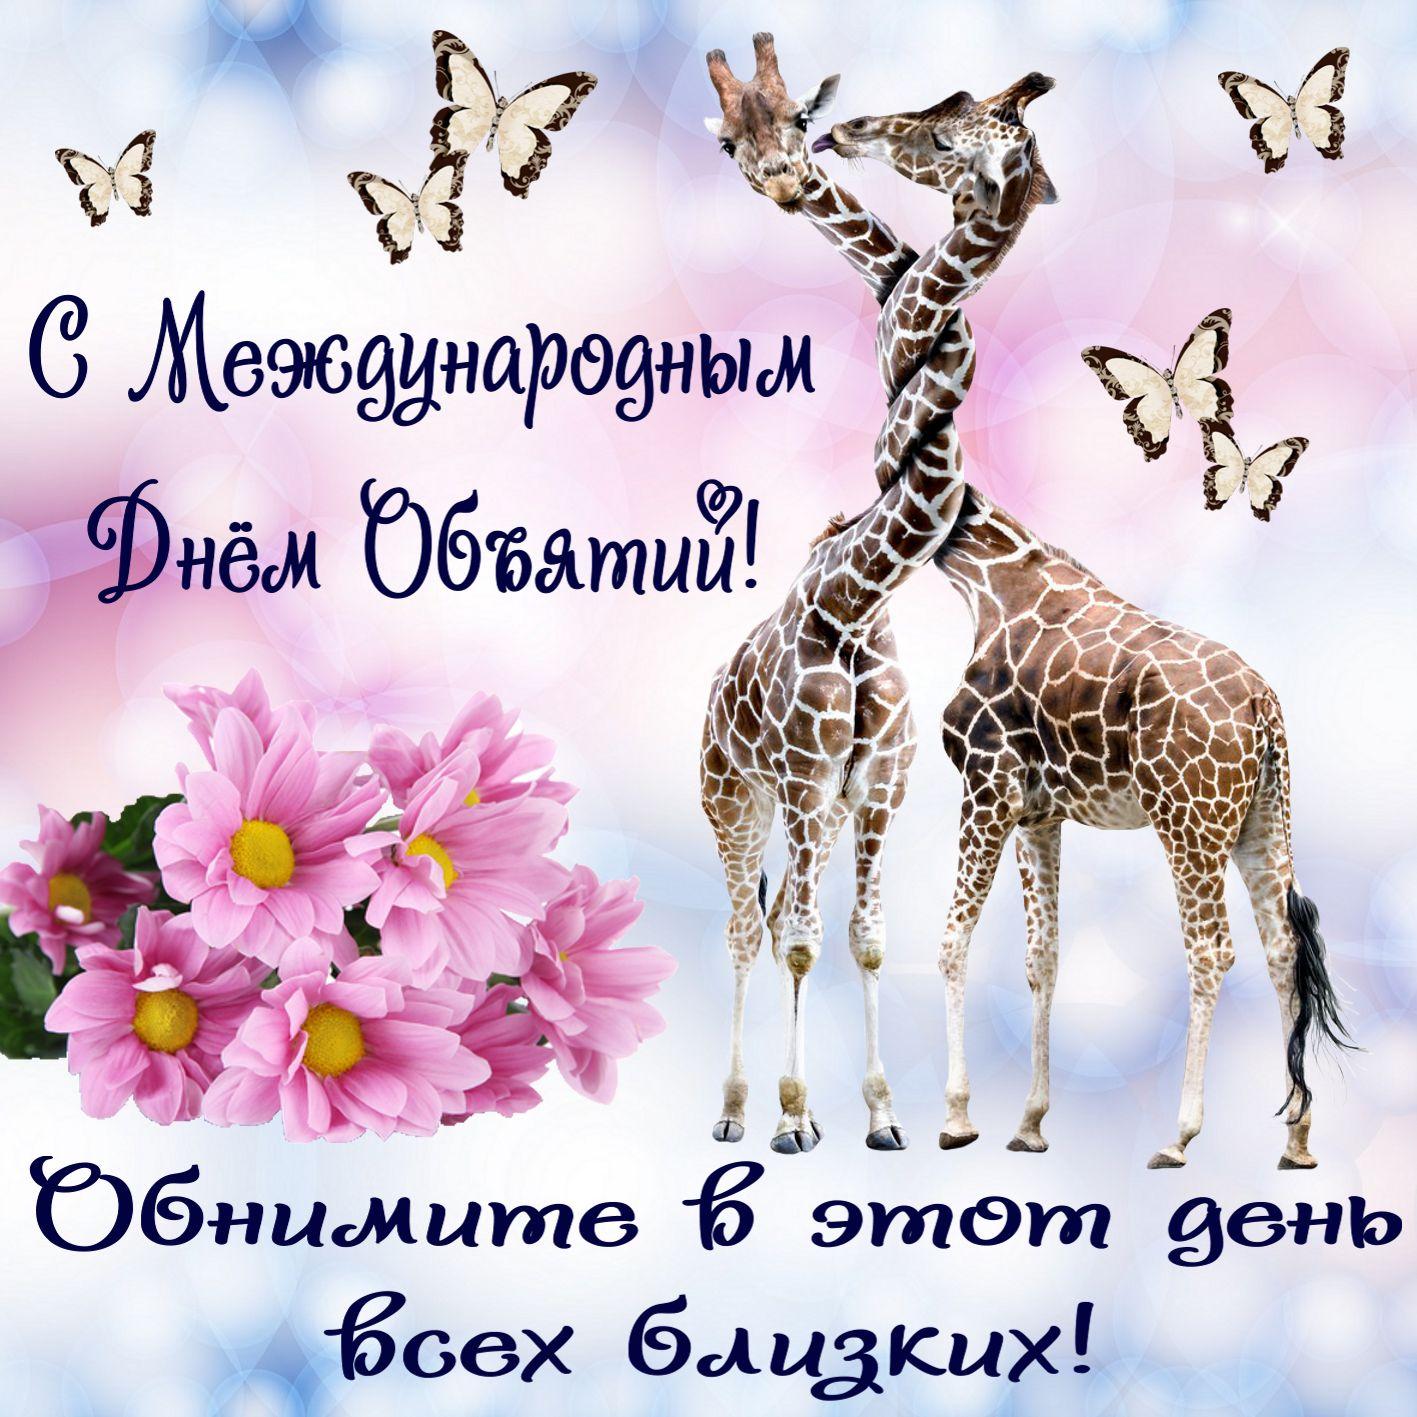 Открытка на День объятий - обнявшиеся жирафы на красивом фоне